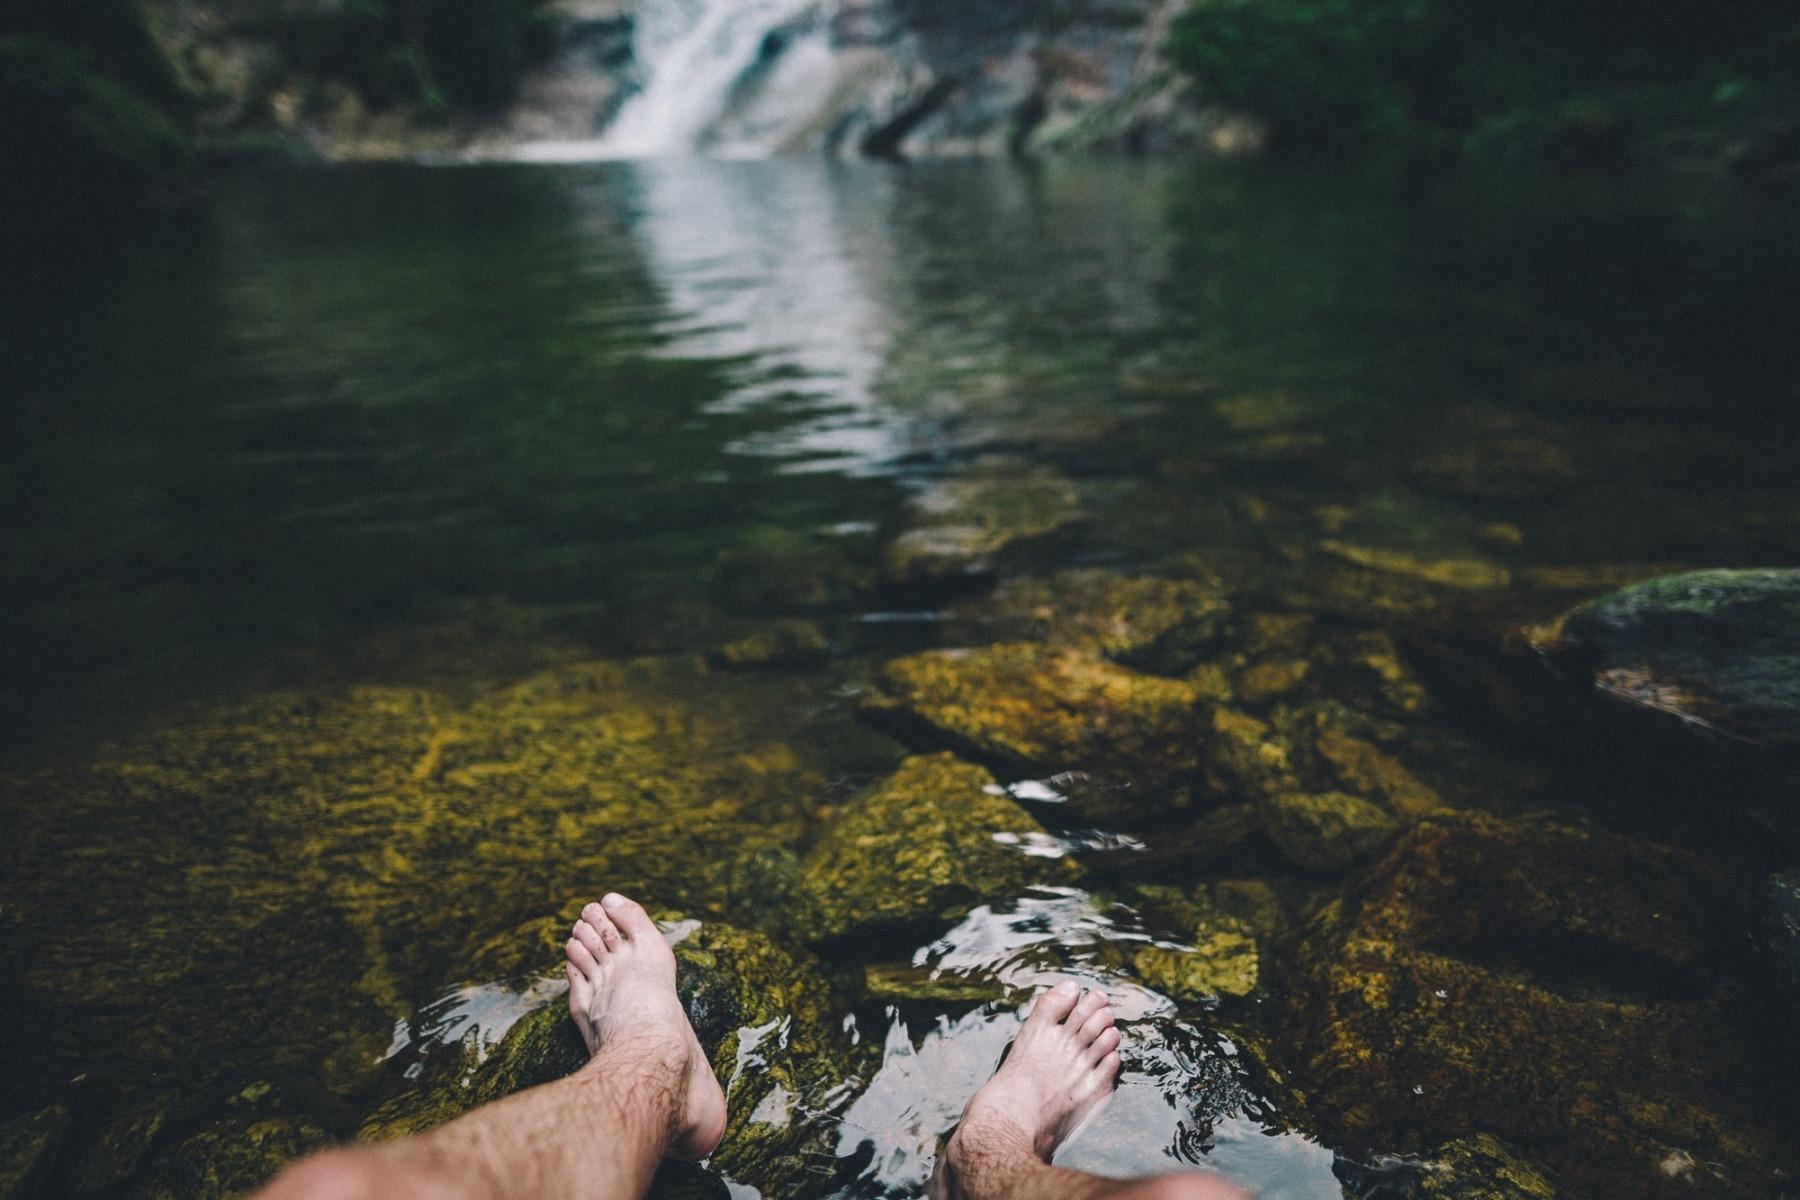 Füße hängen im Wasser